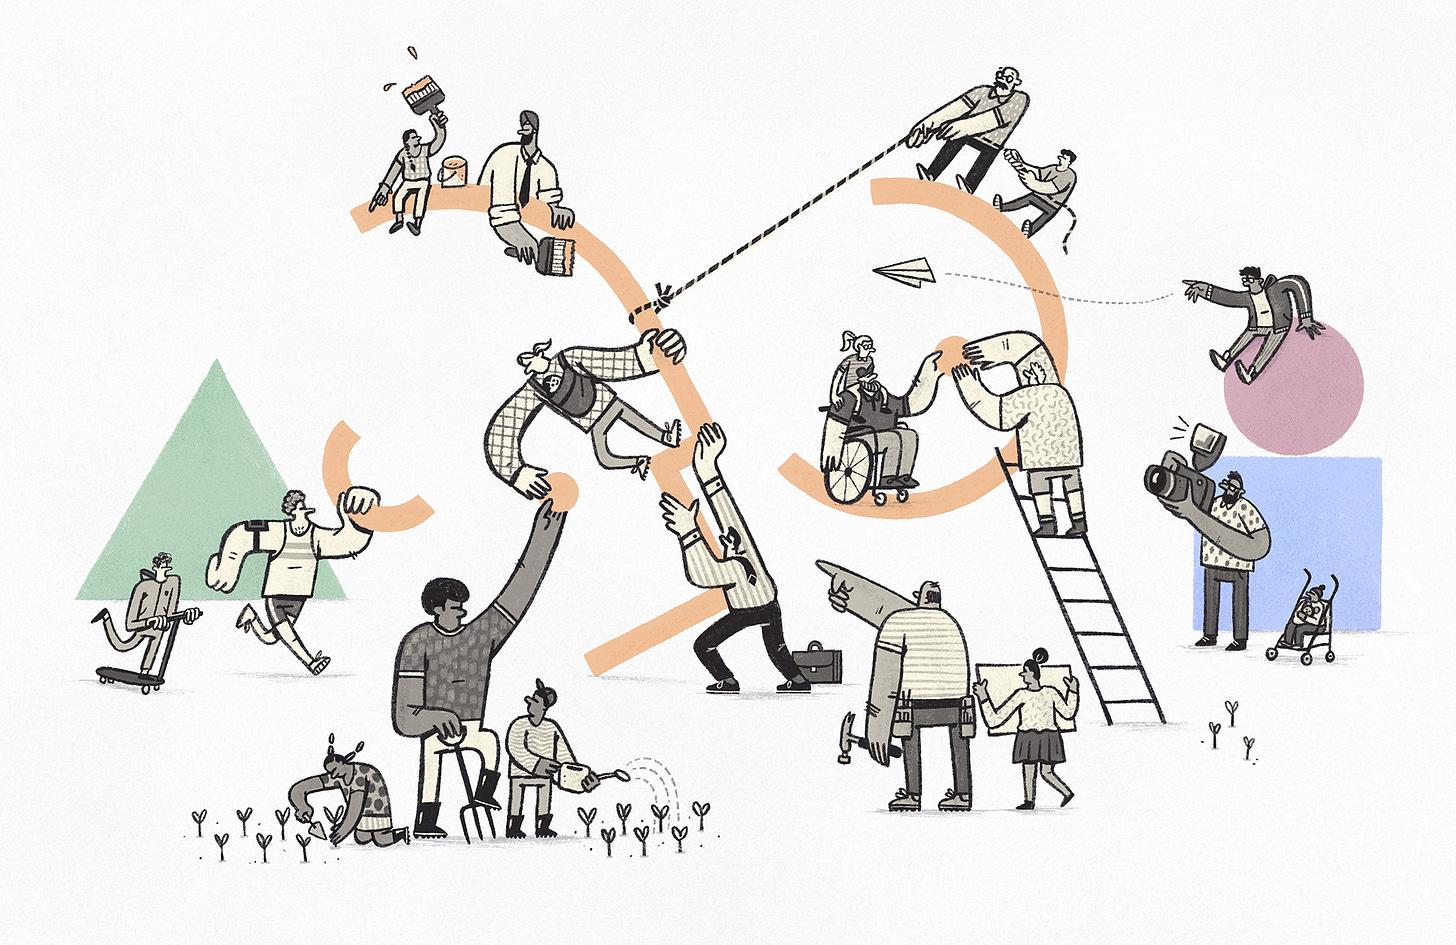 Illustration by Tony Johnson